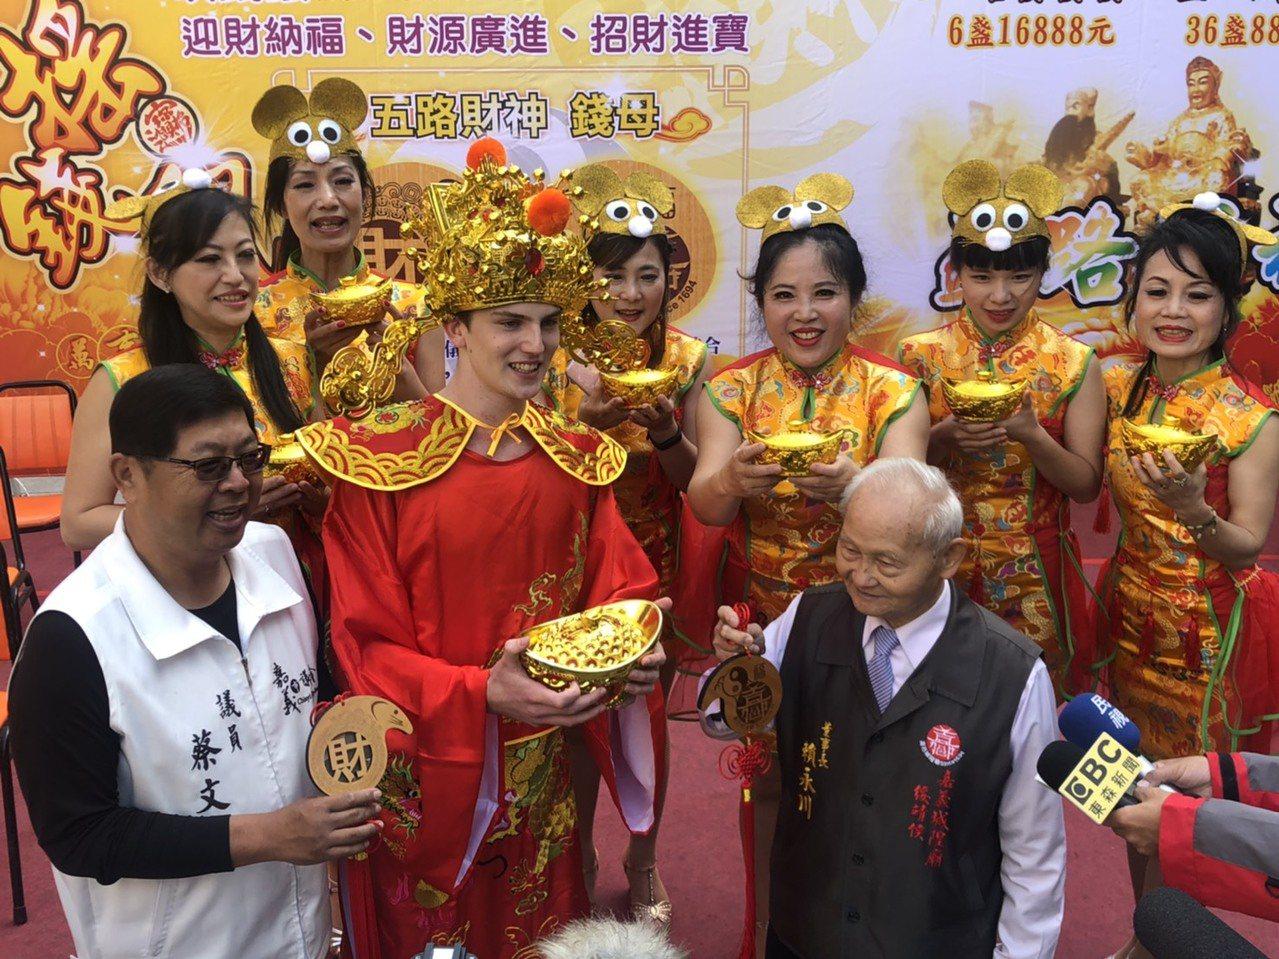 比利時籍學生張柳(左二)扮演財神。記者李承穎/攝影